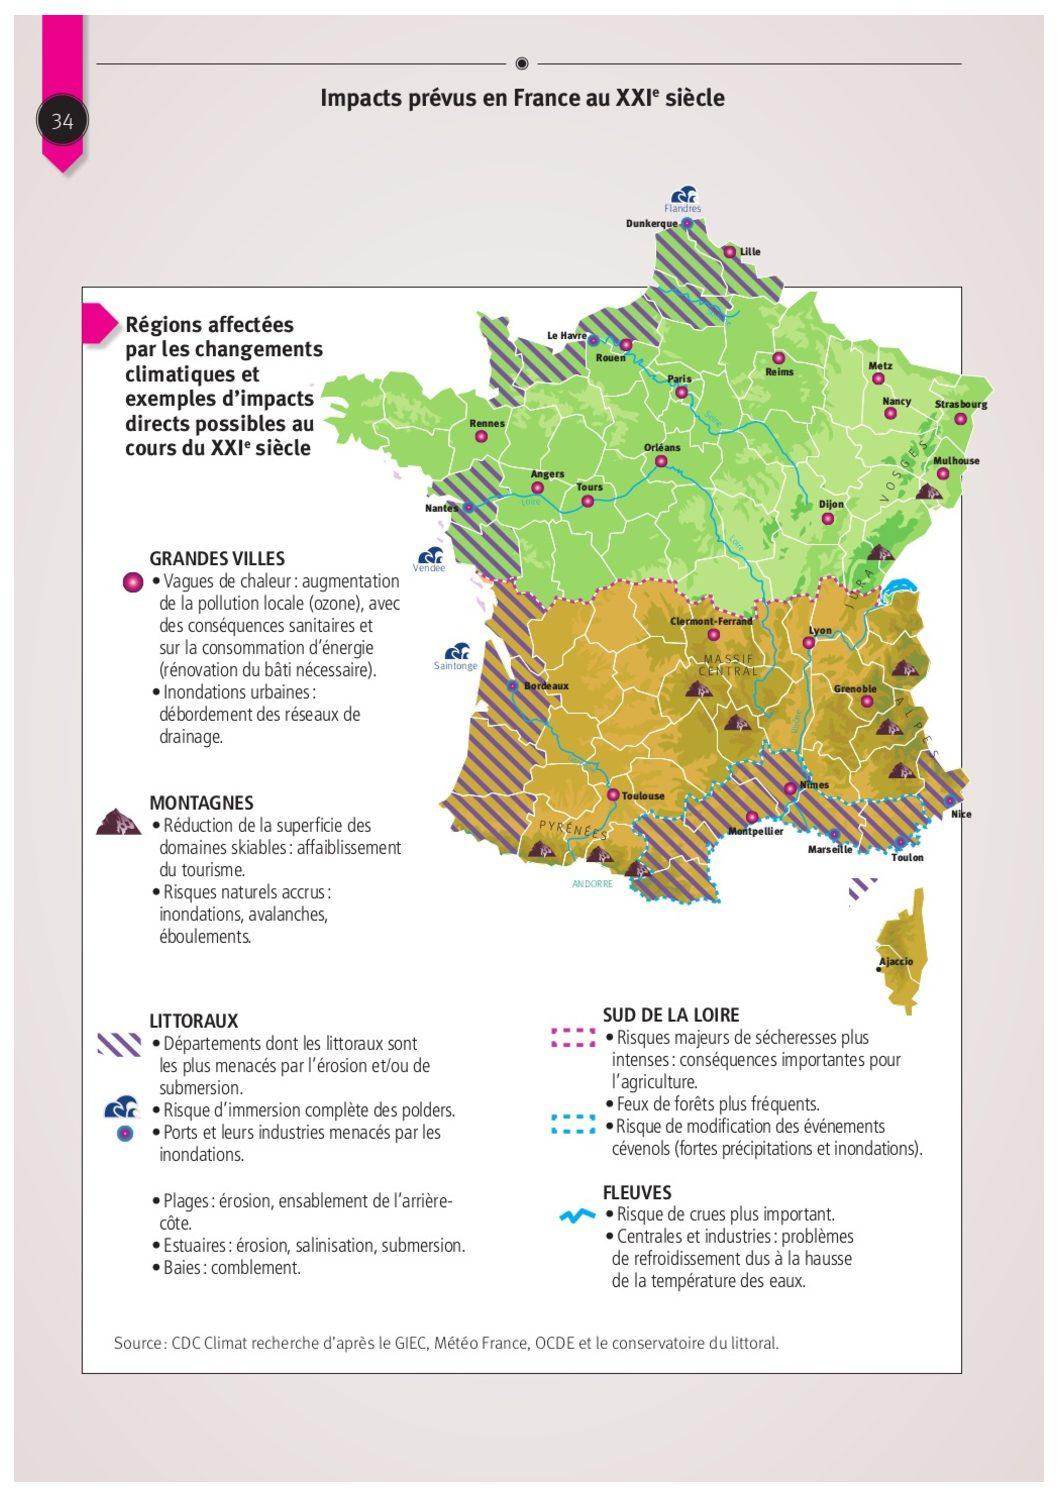 Impacts climatiques en France métropolitaine au XXIe siècle